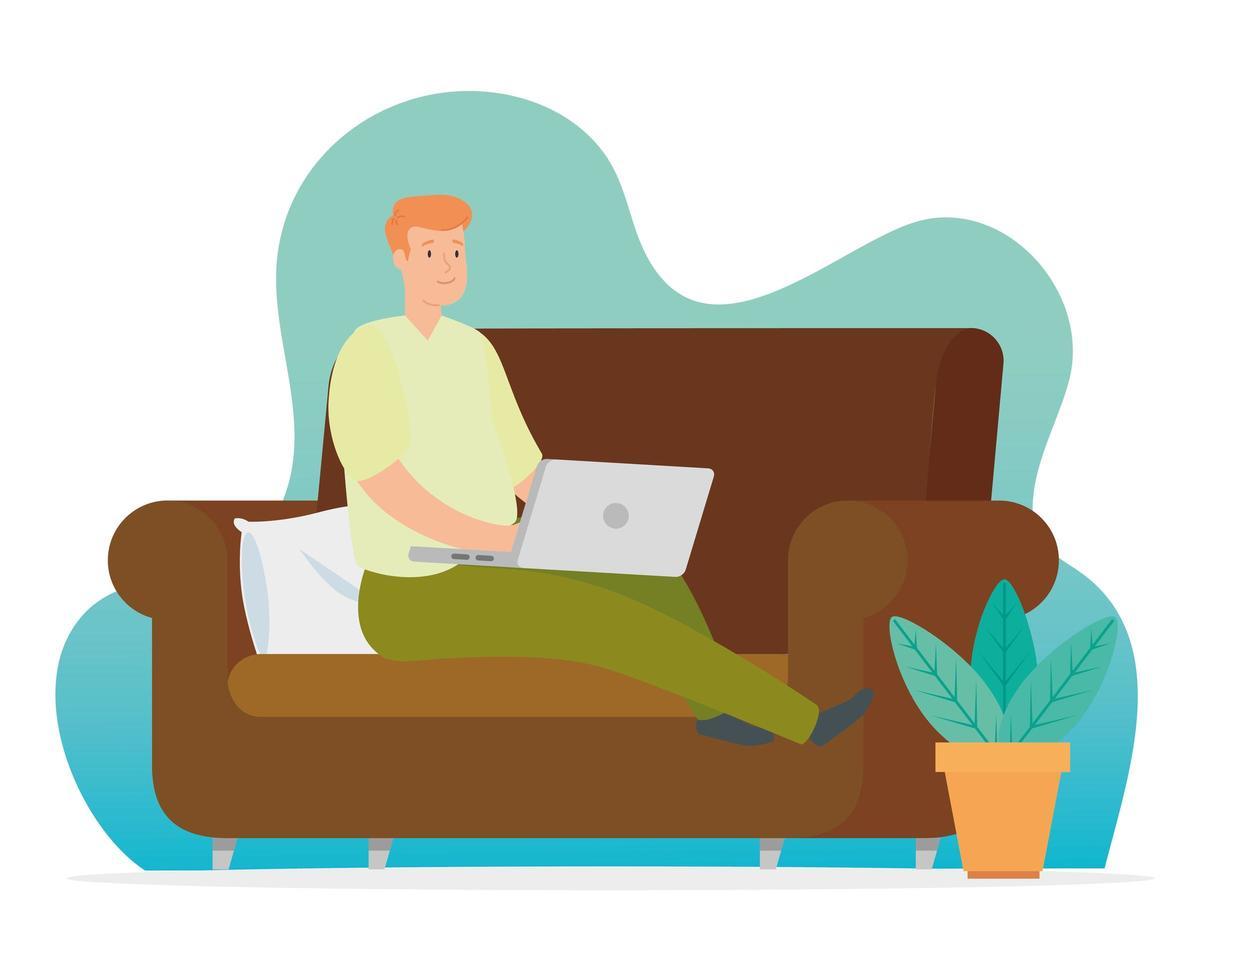 Mann arbeitet zu Hause mit Laptop auf der Couch vektor